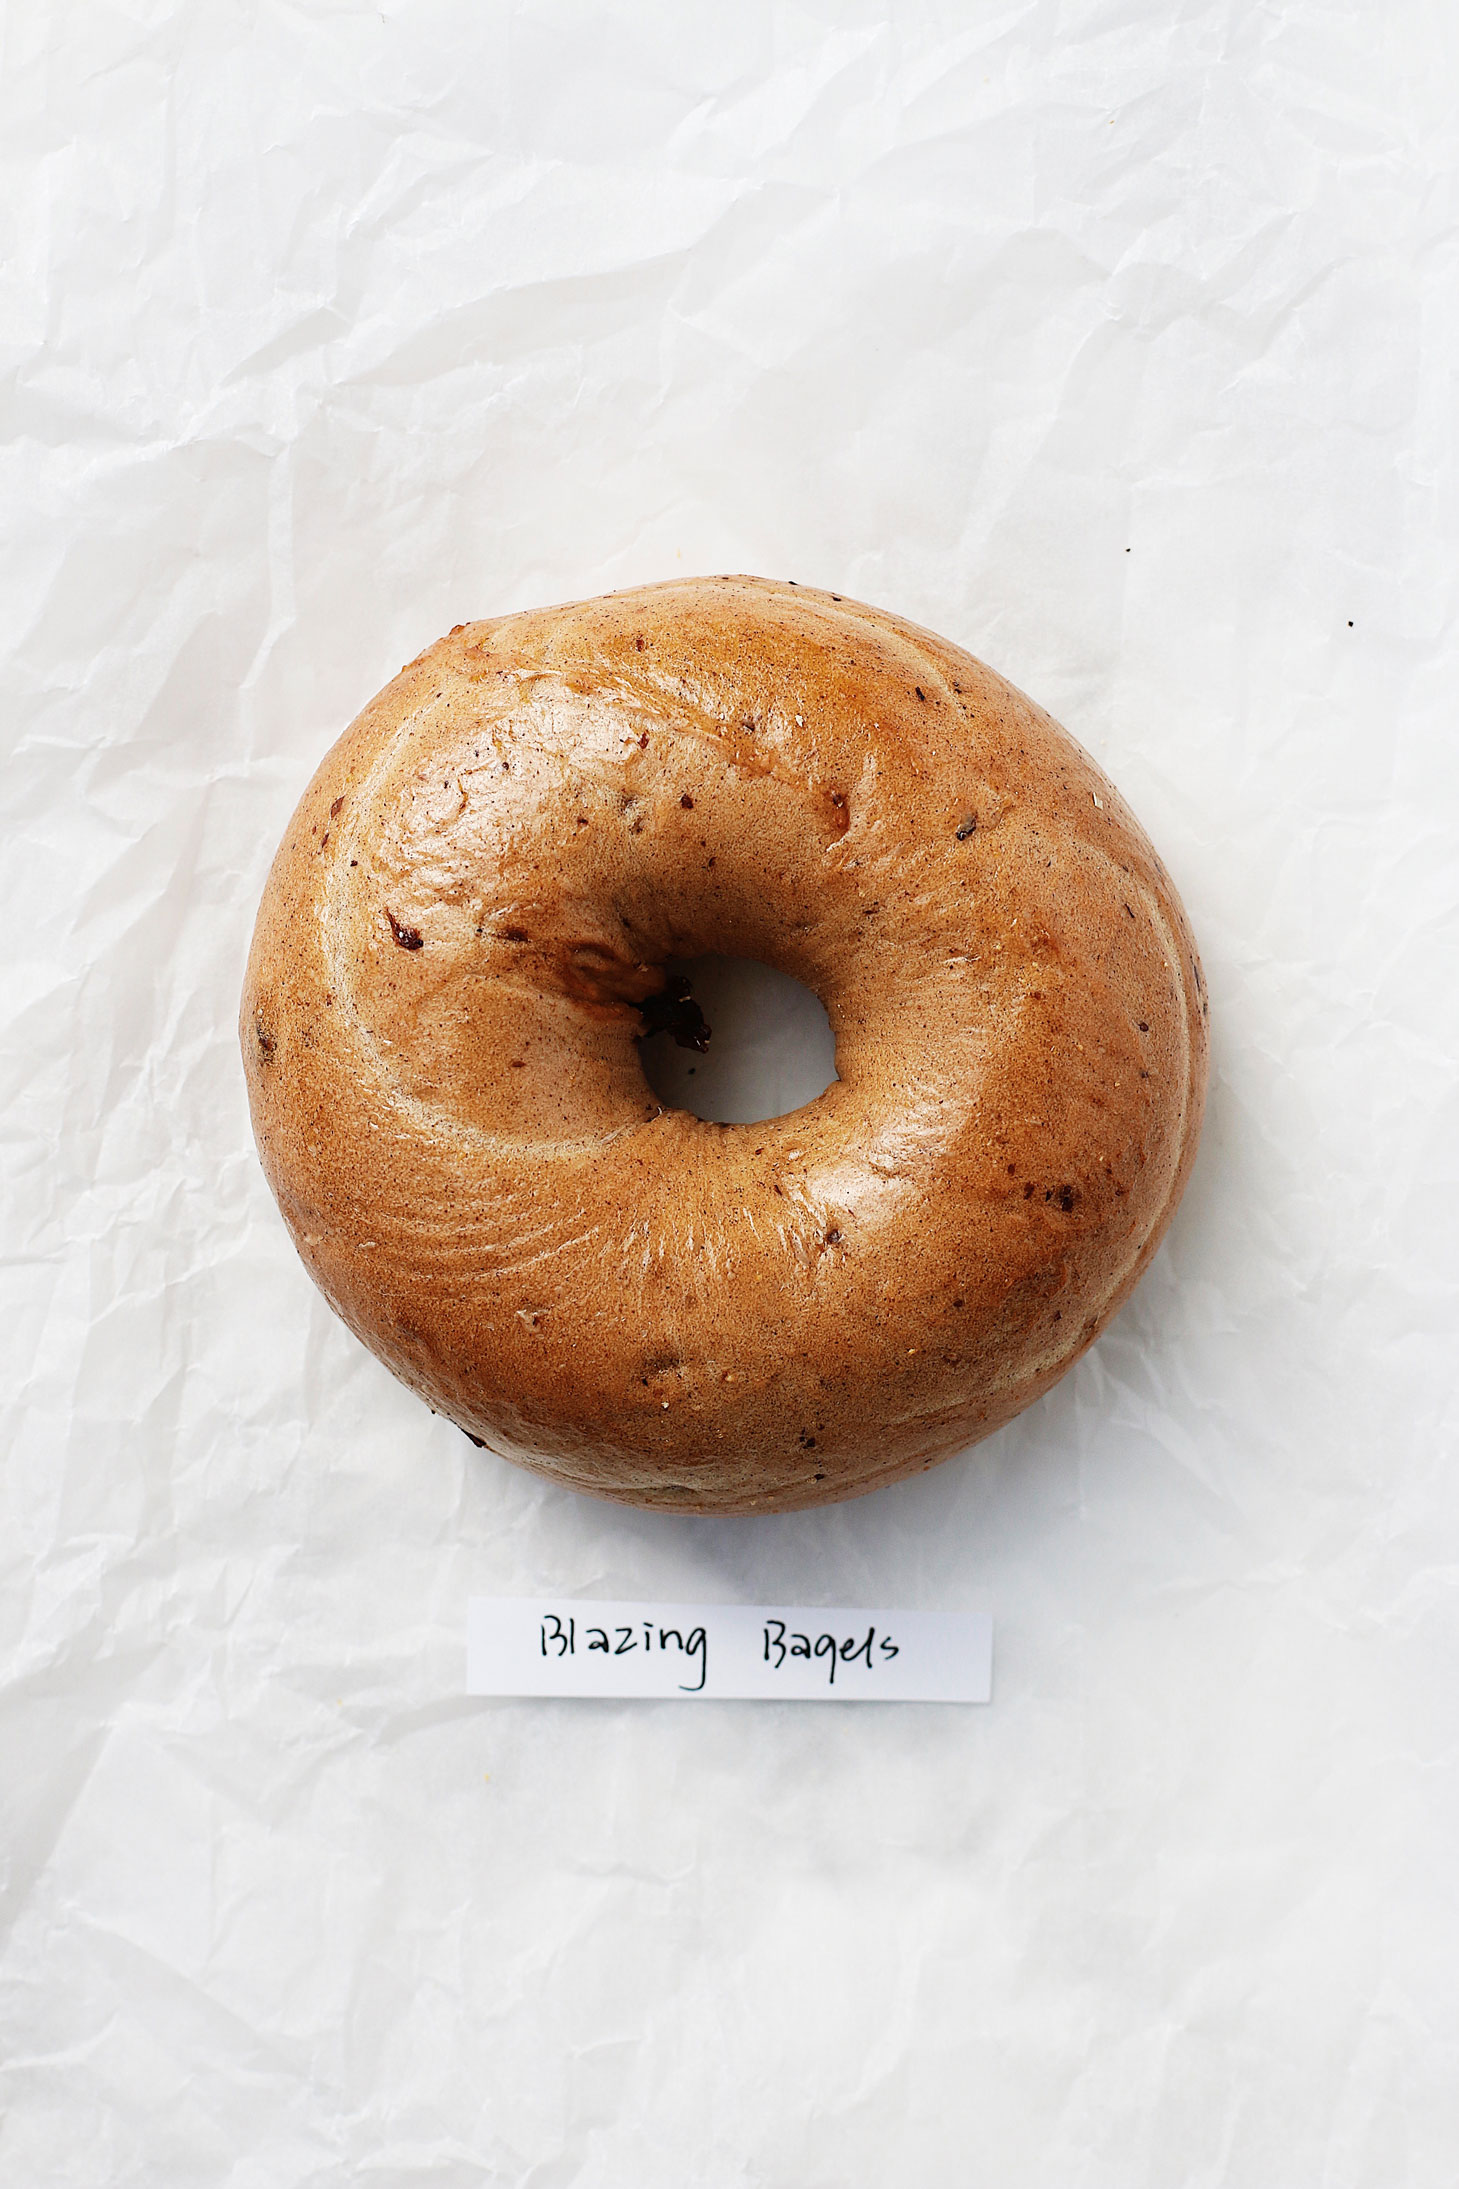 best-bagel-in-seattle-great-bagel-off-blazing-bagel-cinnamon-raisin